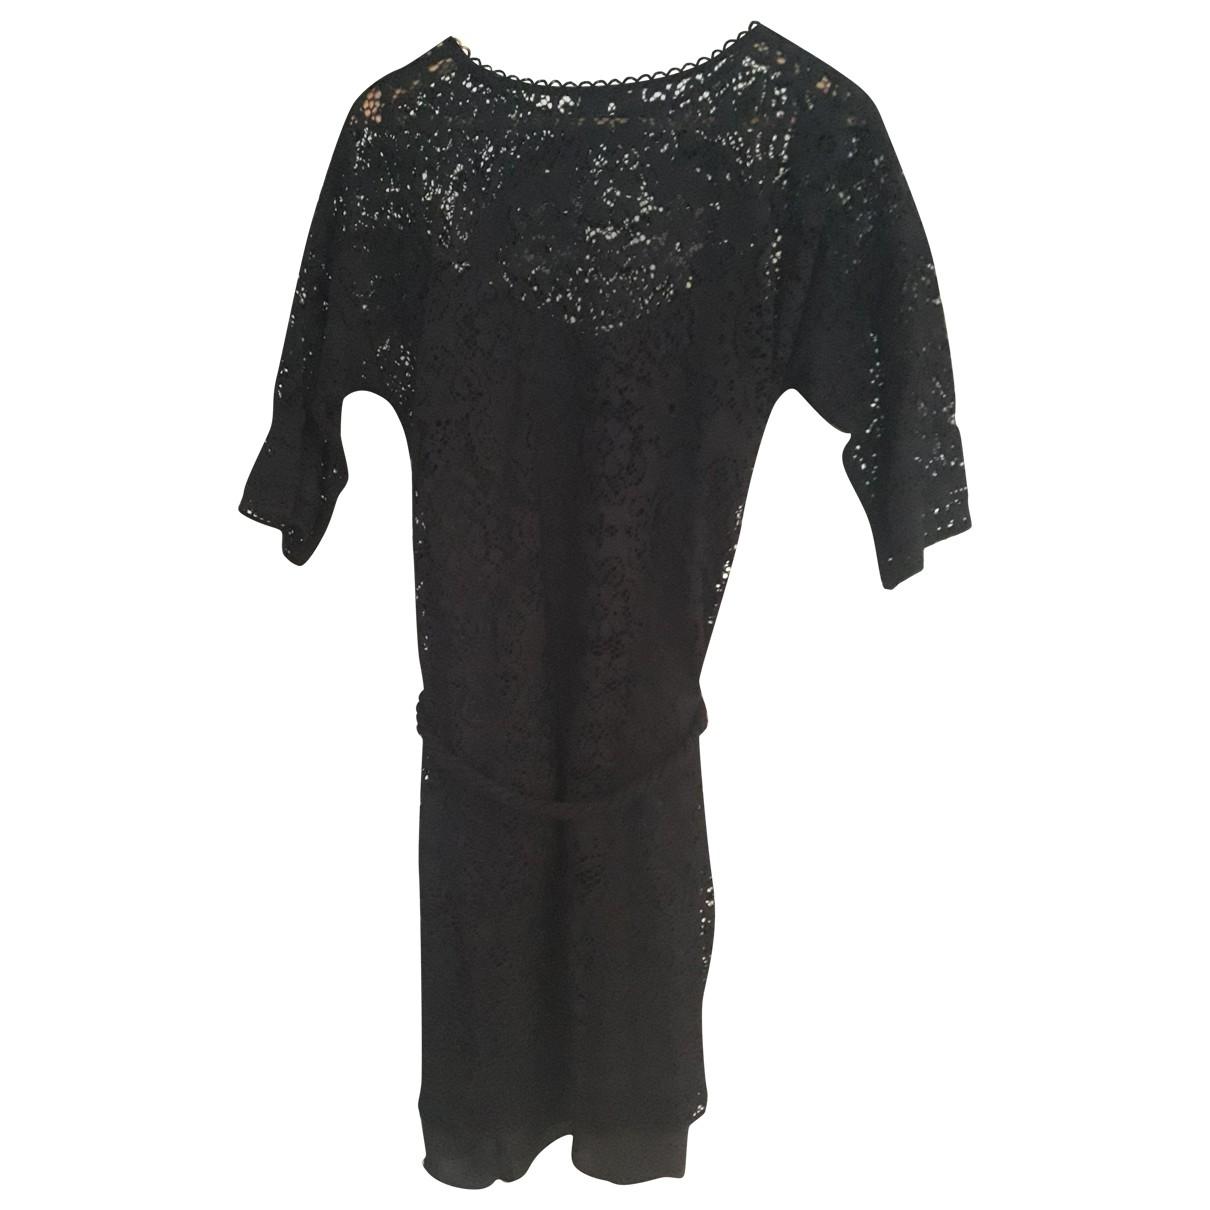 Masscob \N Kleid in  Schwarz Polyester